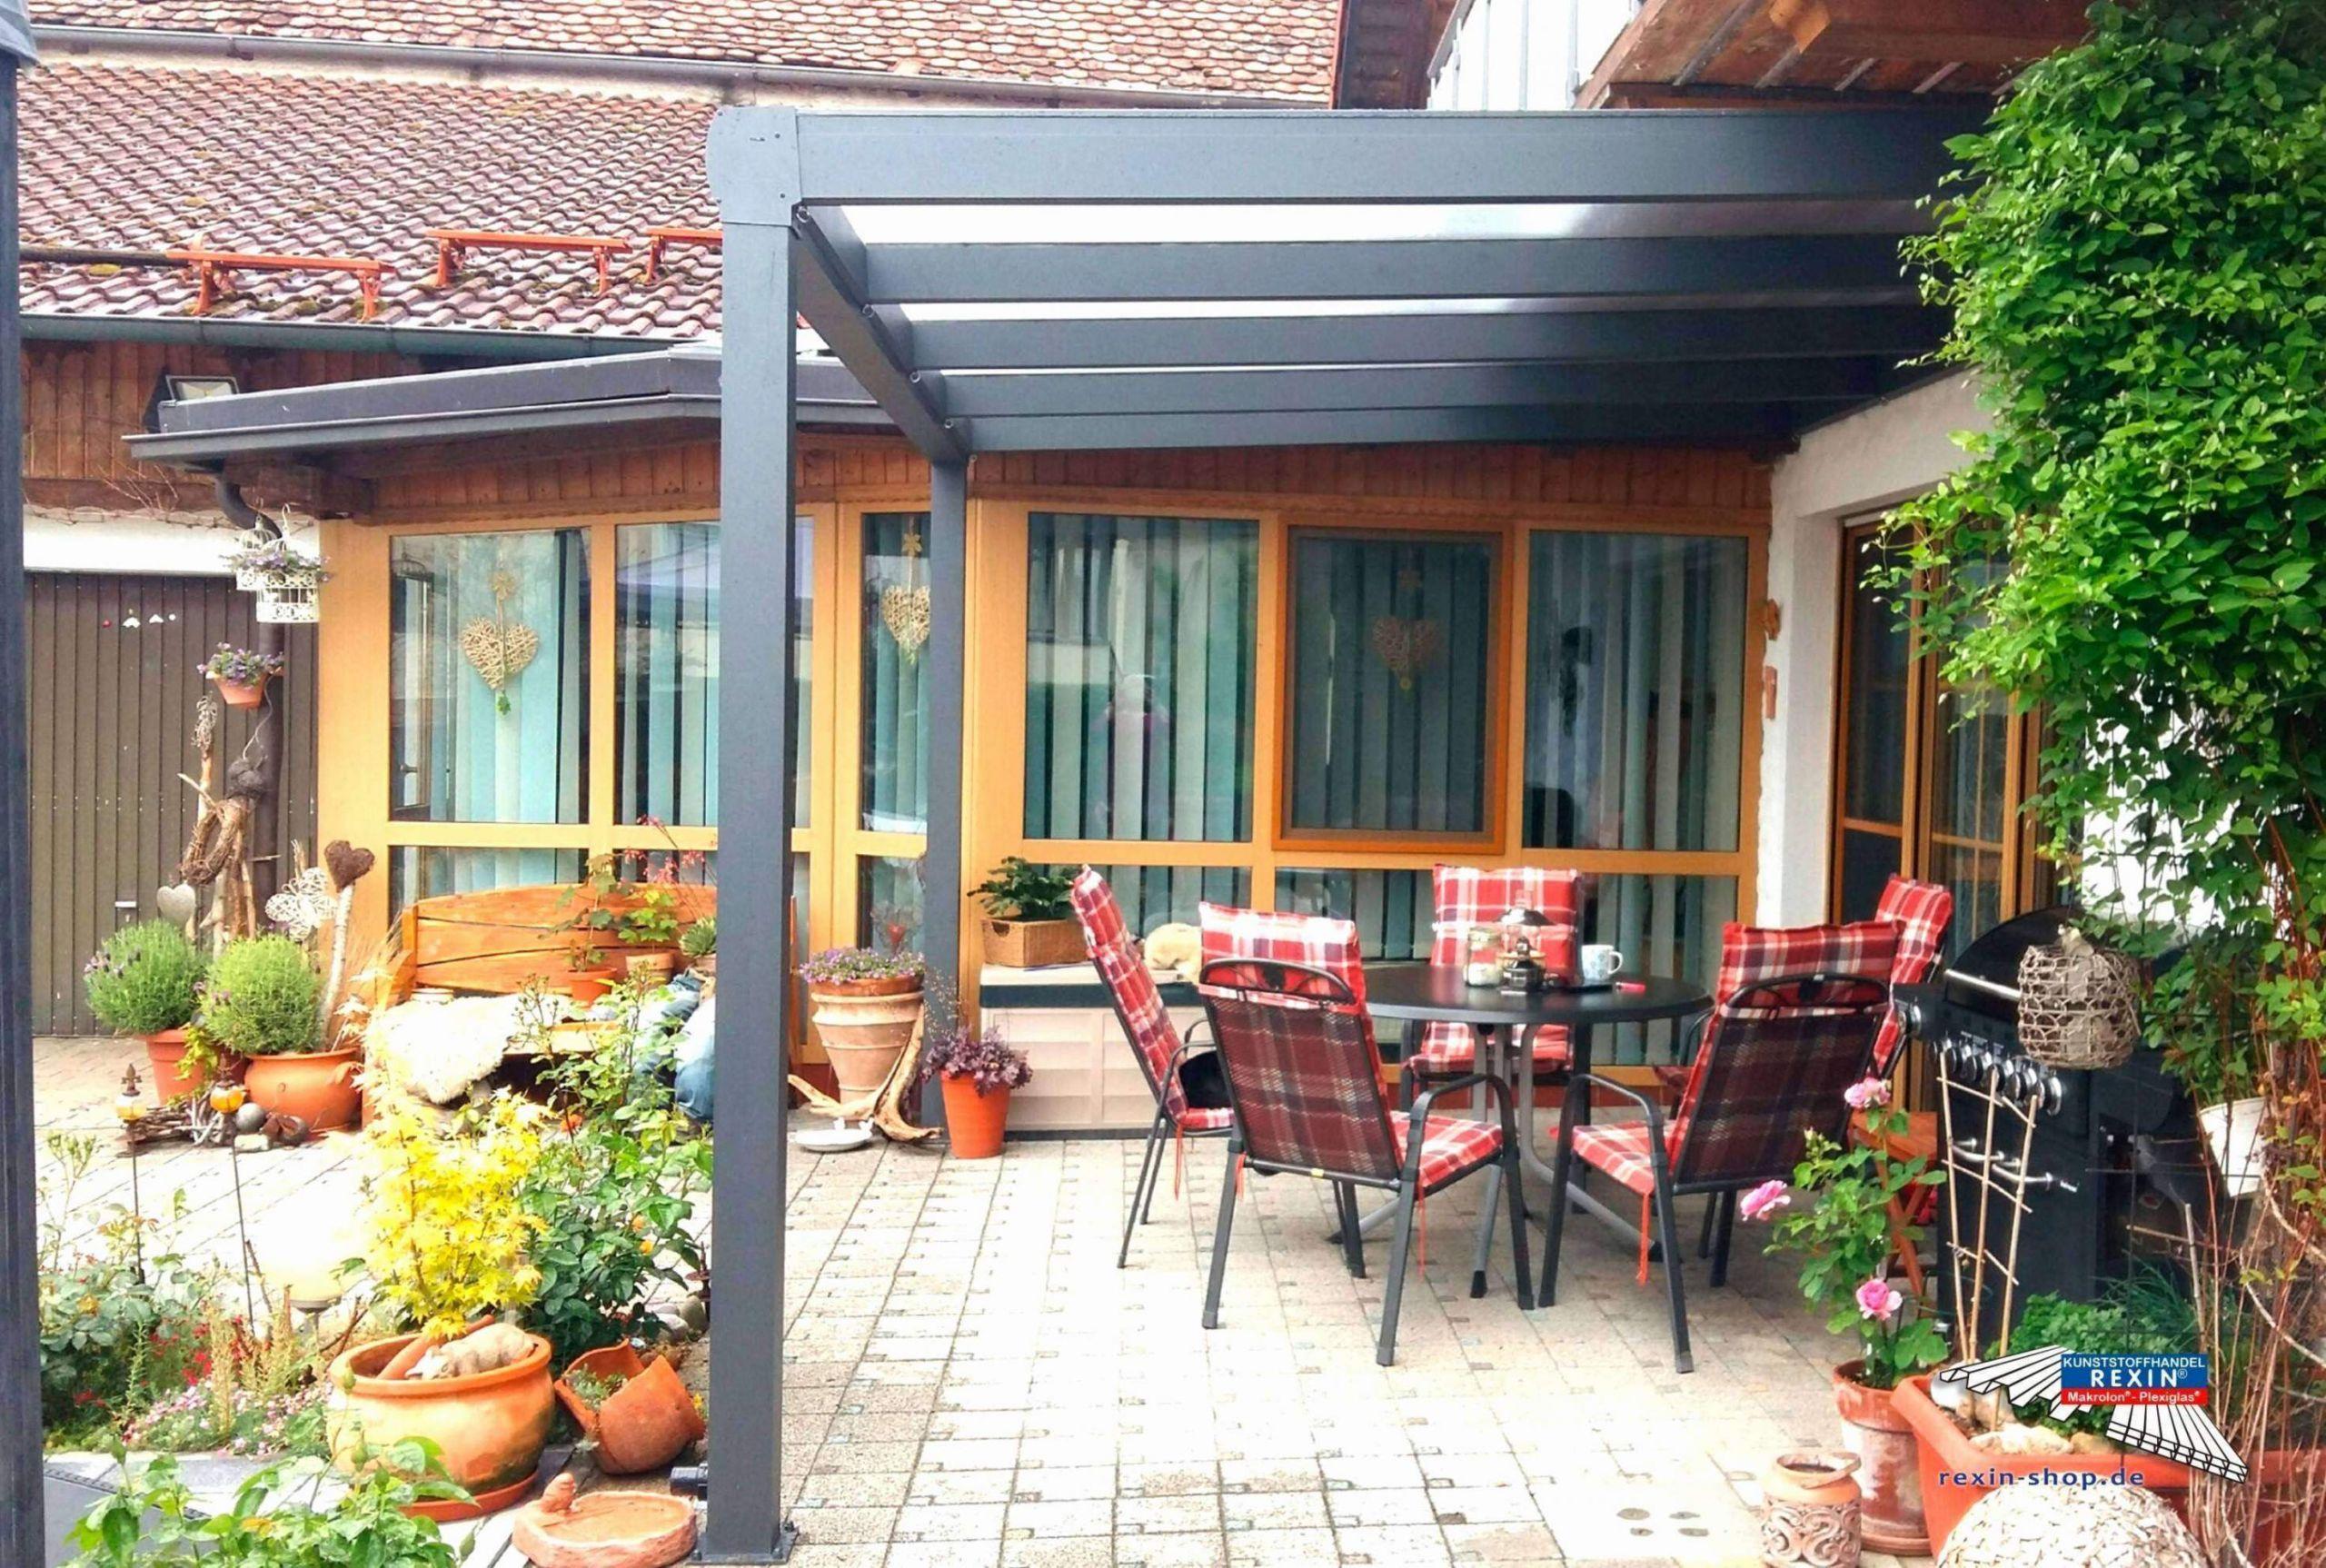 deko garten selber machen neu deko balkon schon balkon dekorieren 0d deko ideen selber machen garten deko ideen selber machen garten